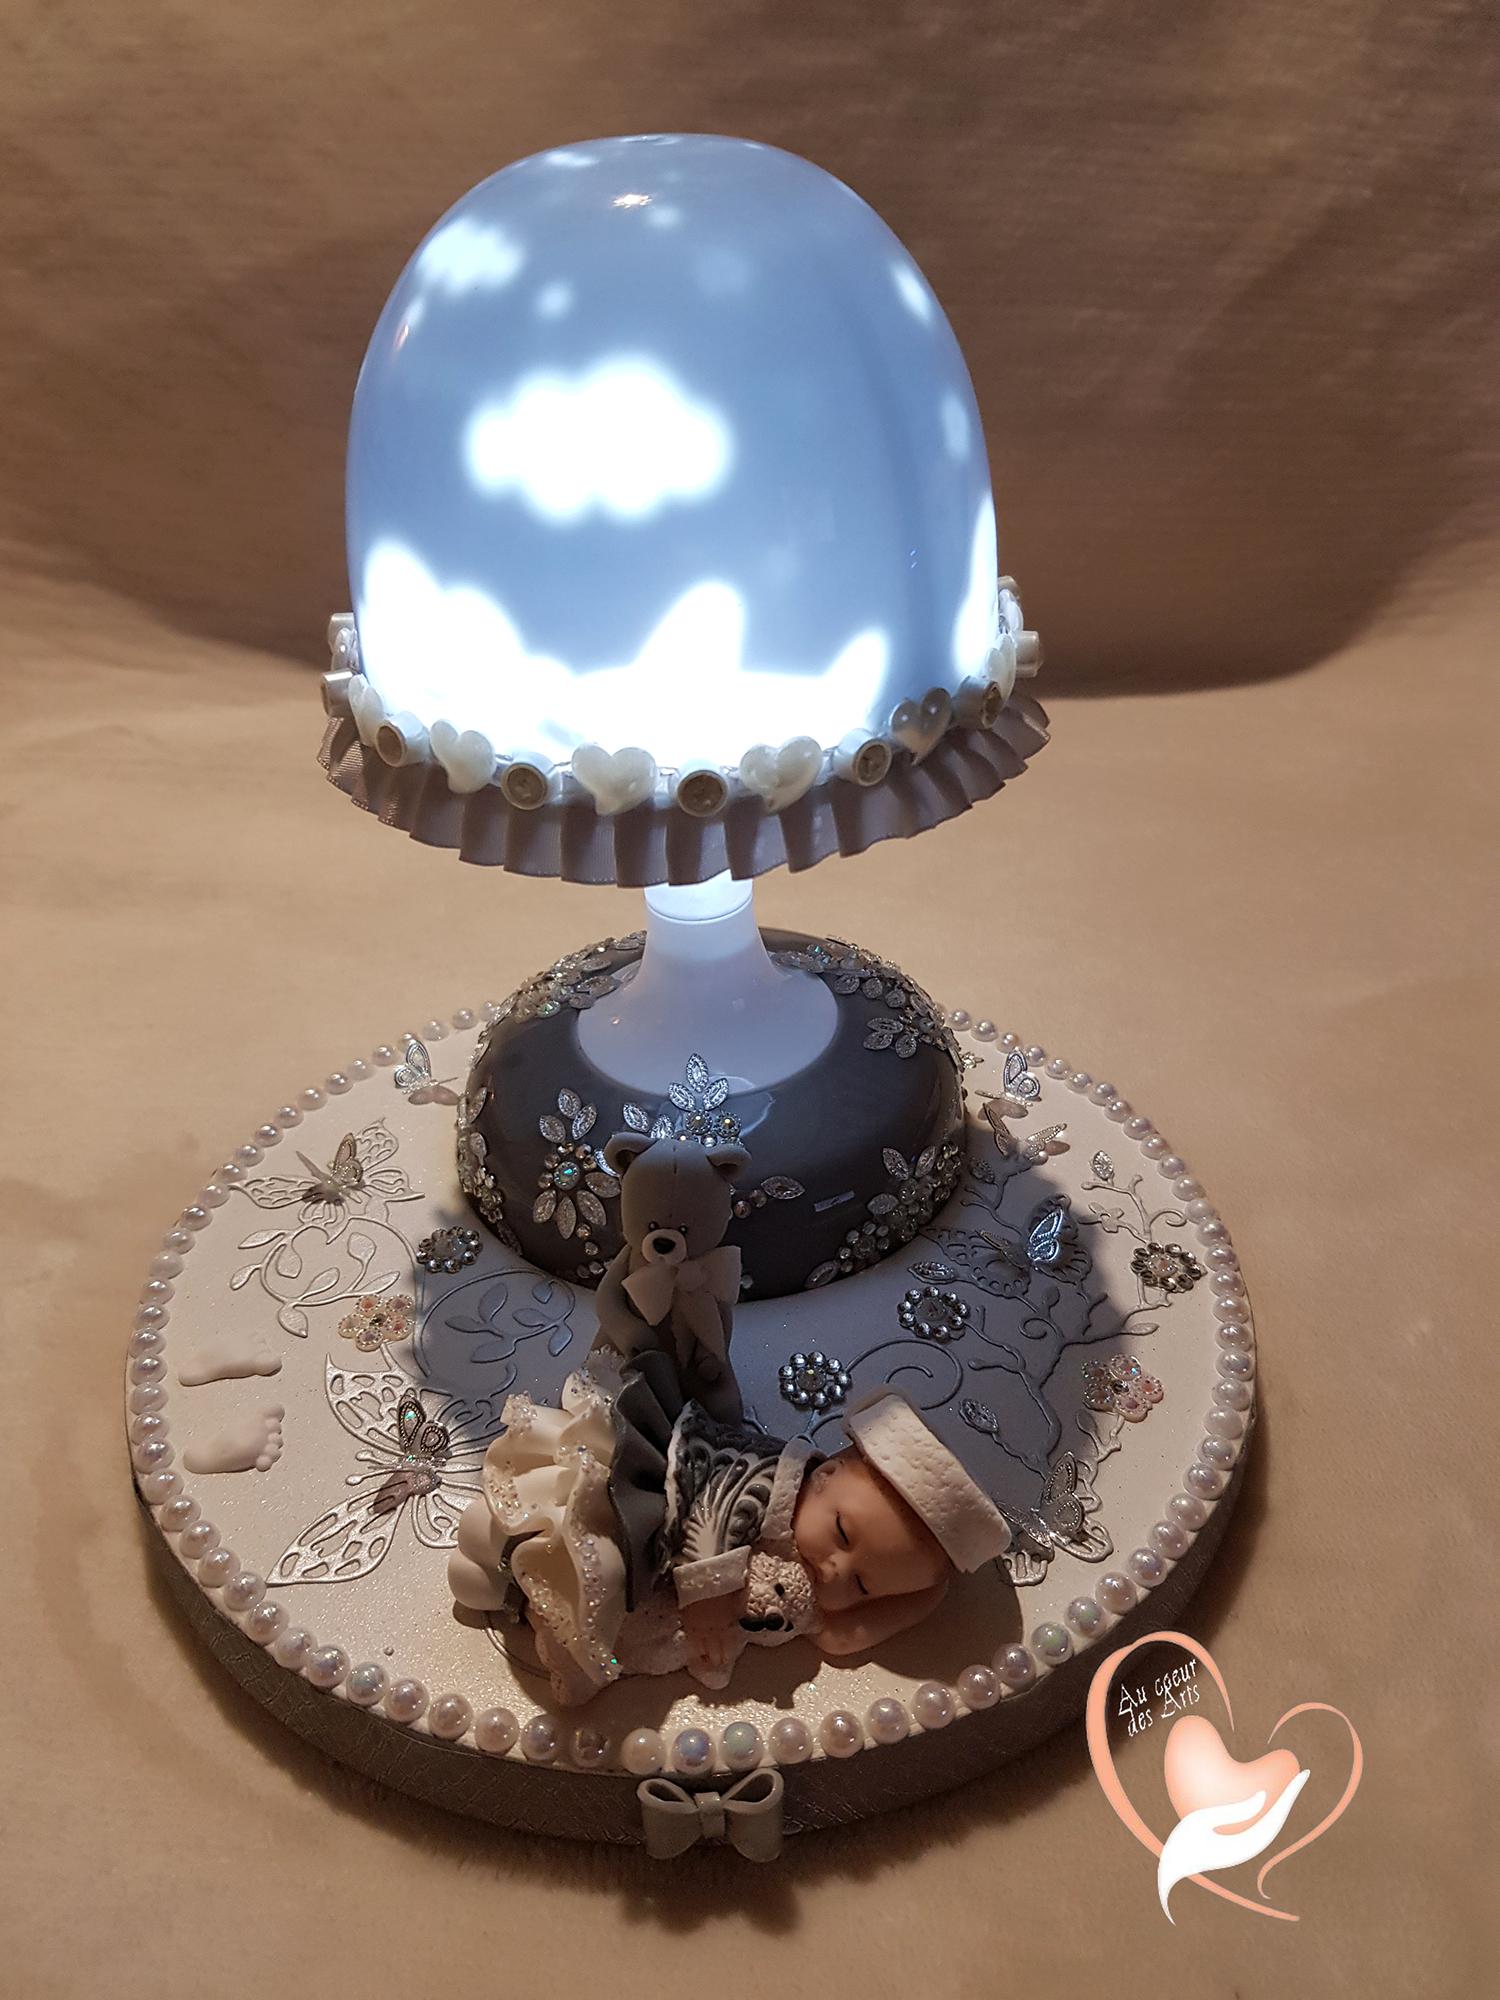 Au Socle Bois Fille De Sur Lampe Veilleuse Chevet En Lumineuse Bébé lKFJT1c